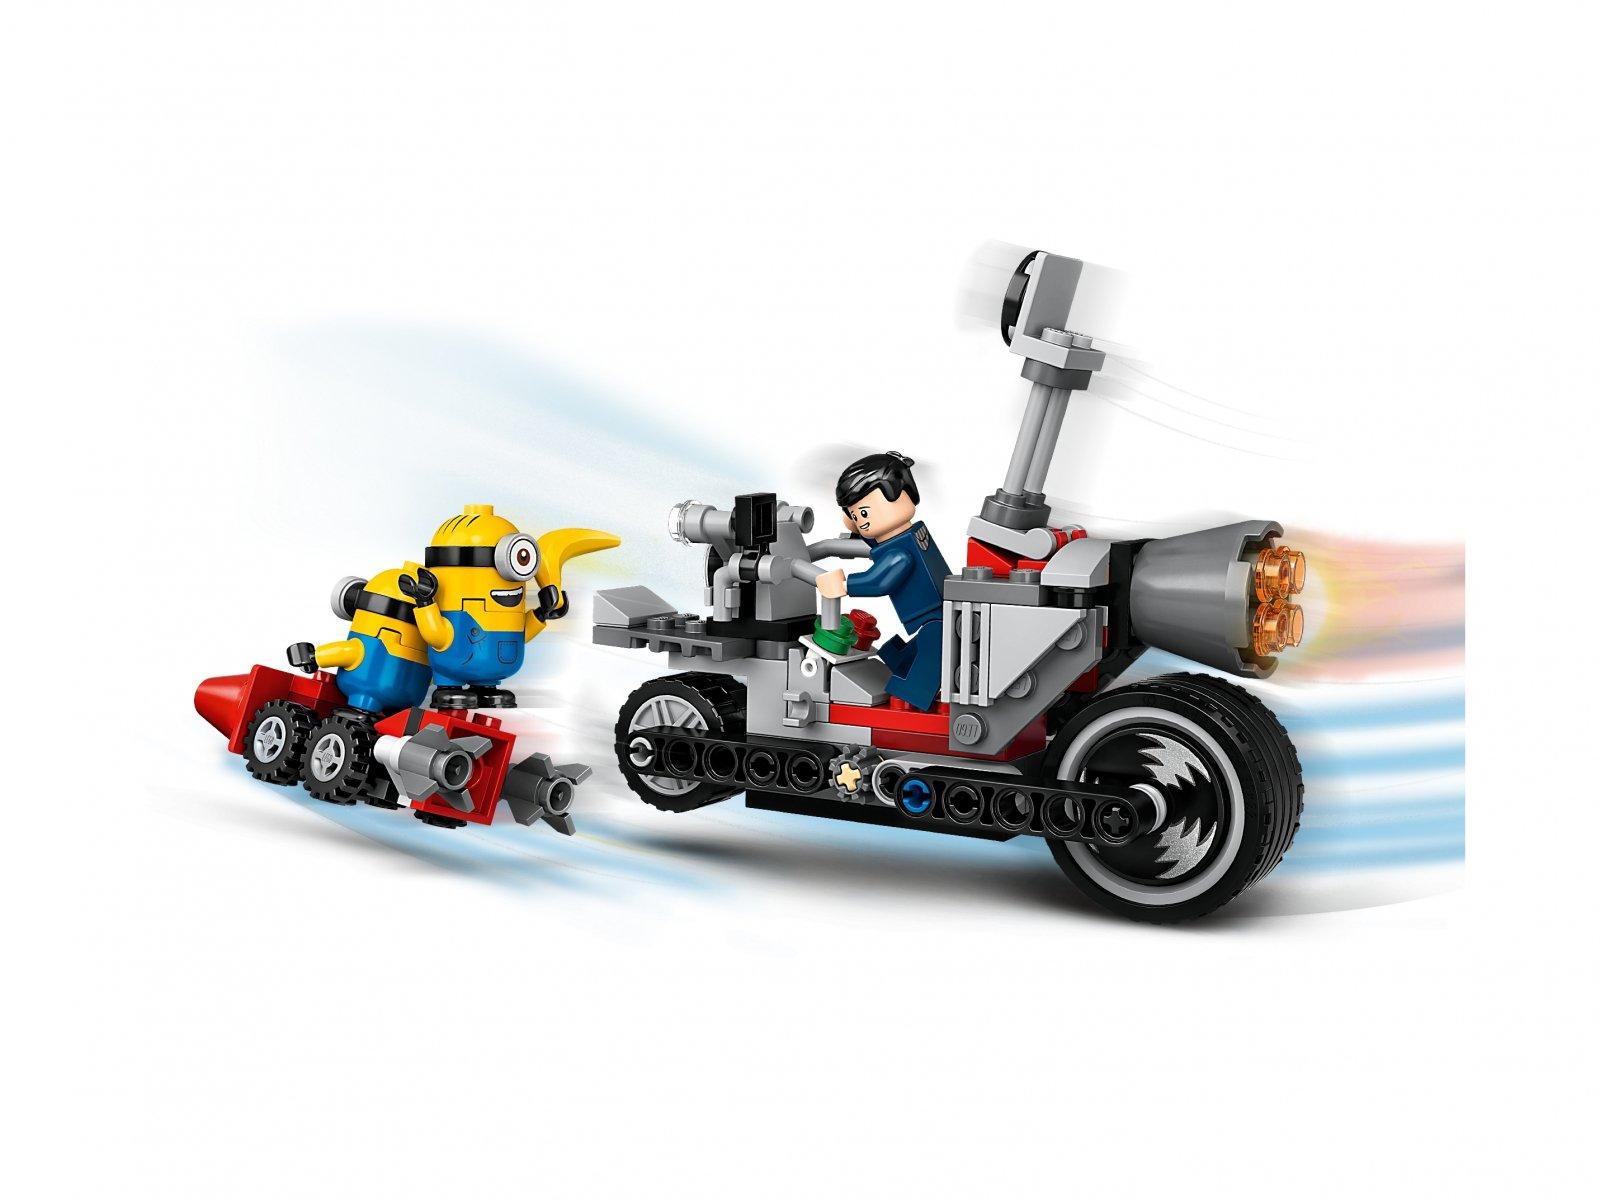 LEGO 75549 Niepowstrzymany motocykl ucieka